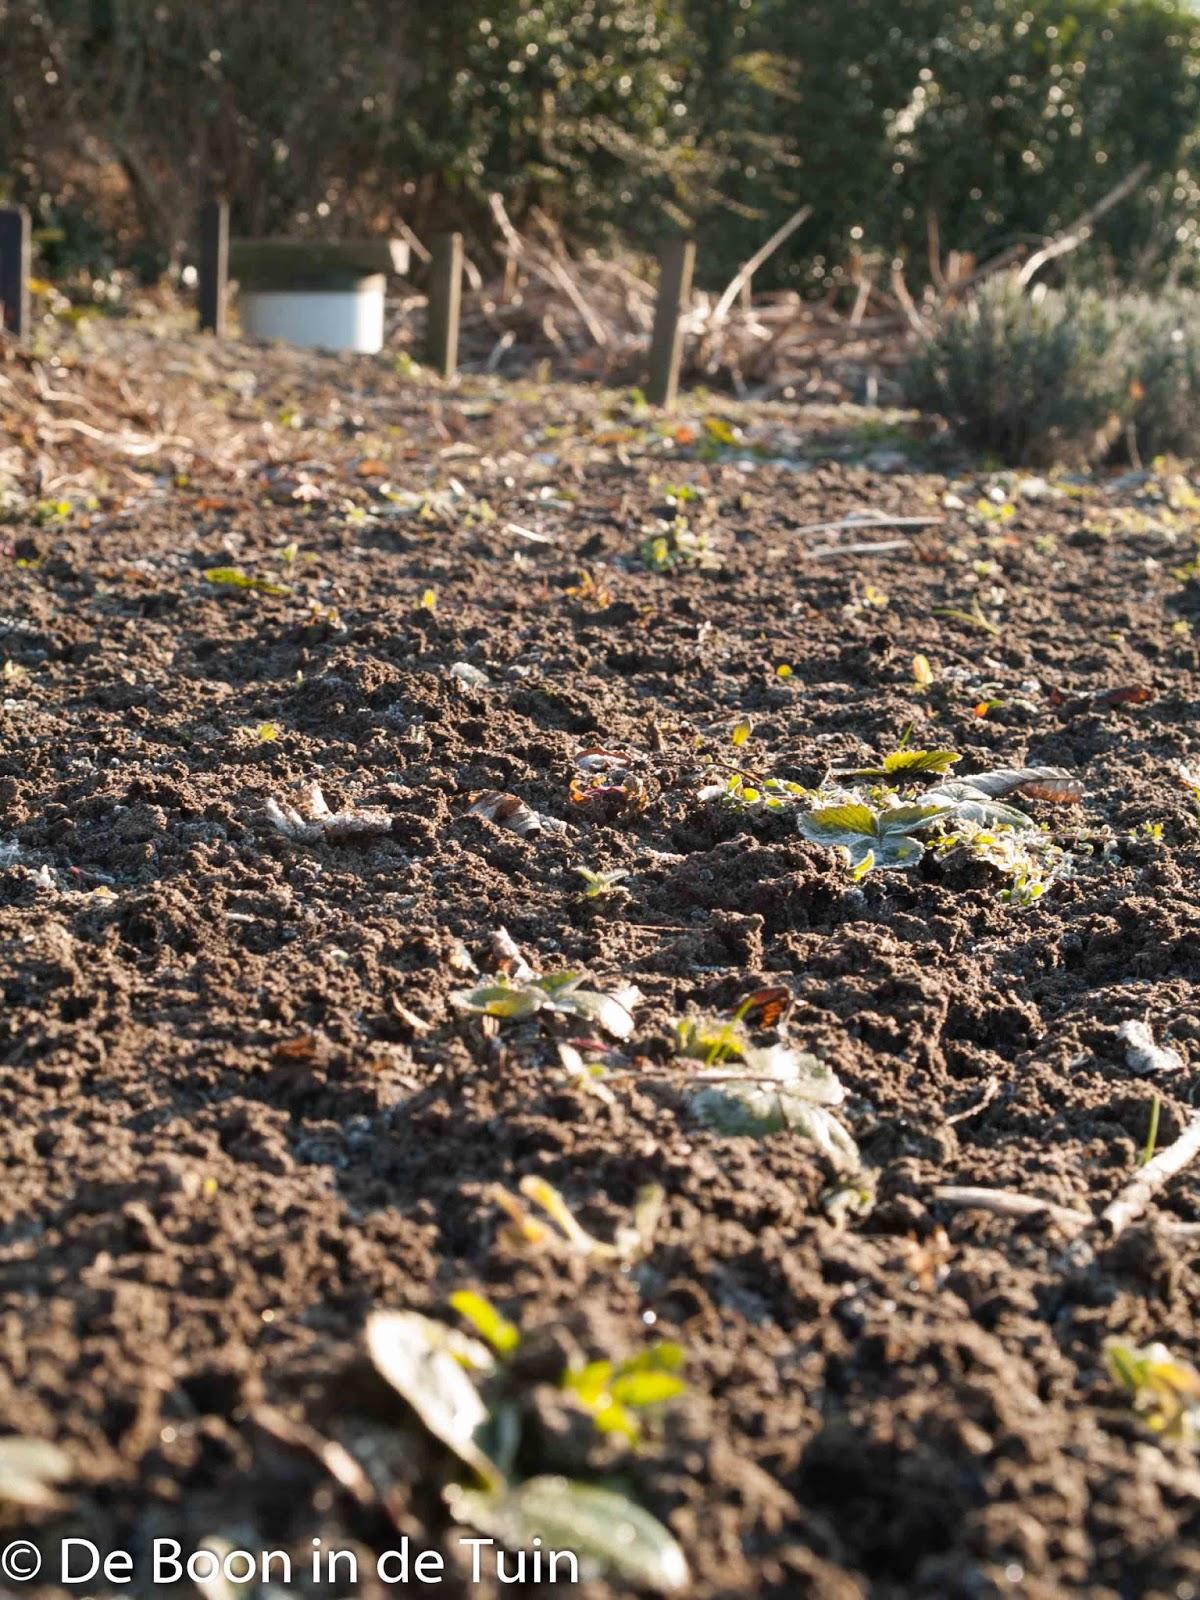 aardbeien moestuin winter volkstuin